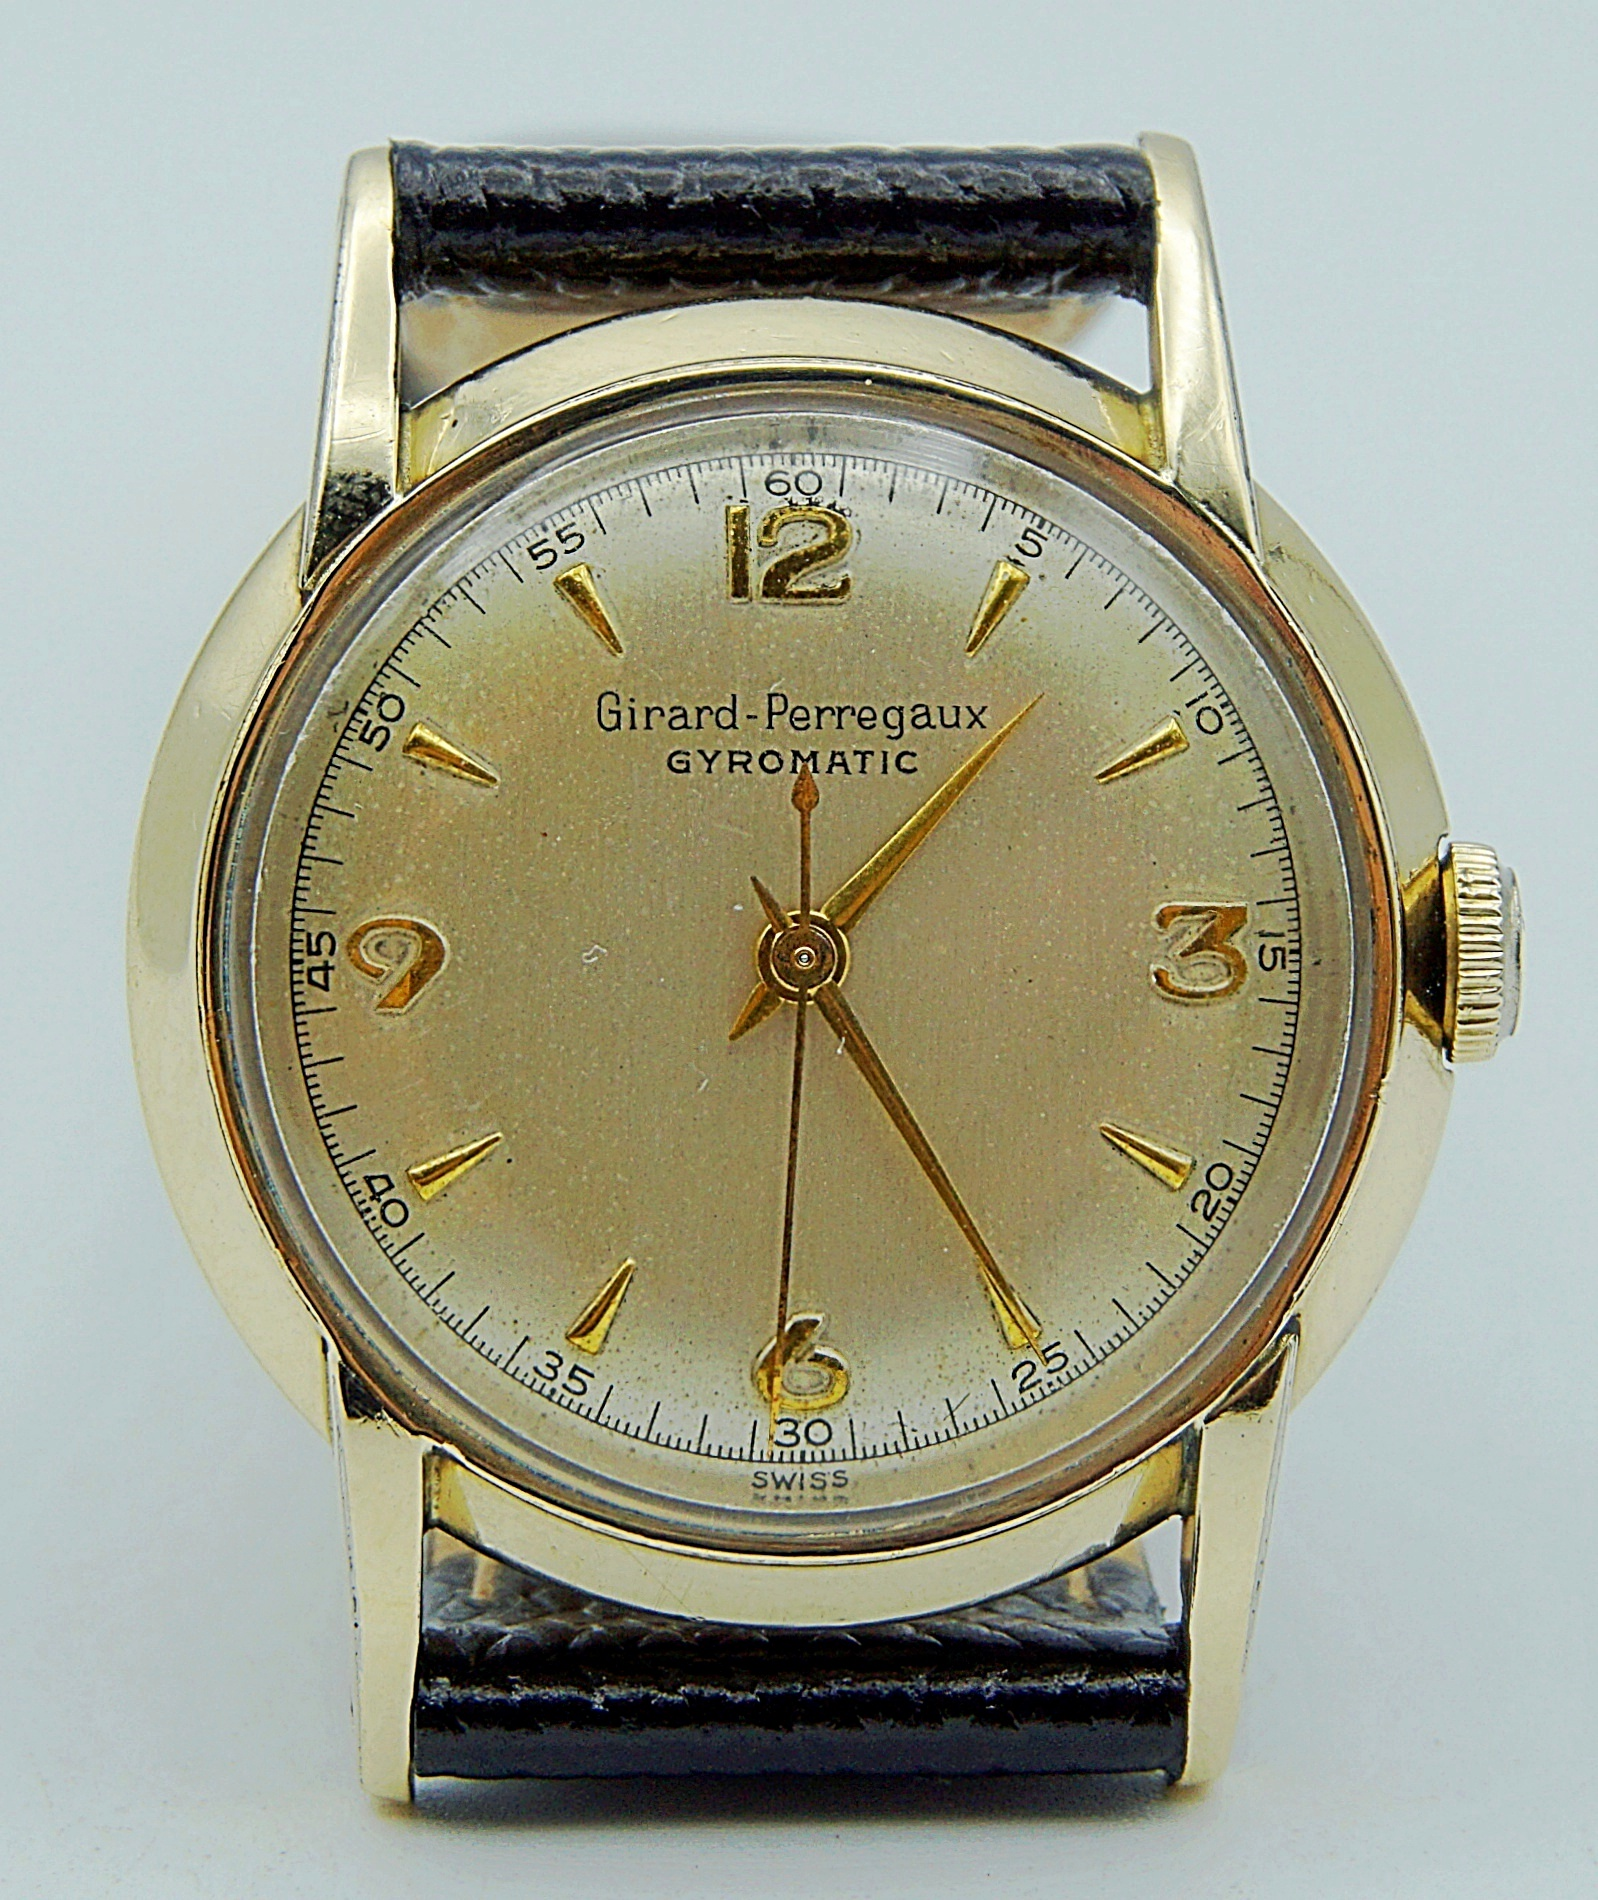 นาฬิกาเก่า GIRARD PERREGAUX ออโตเมติก